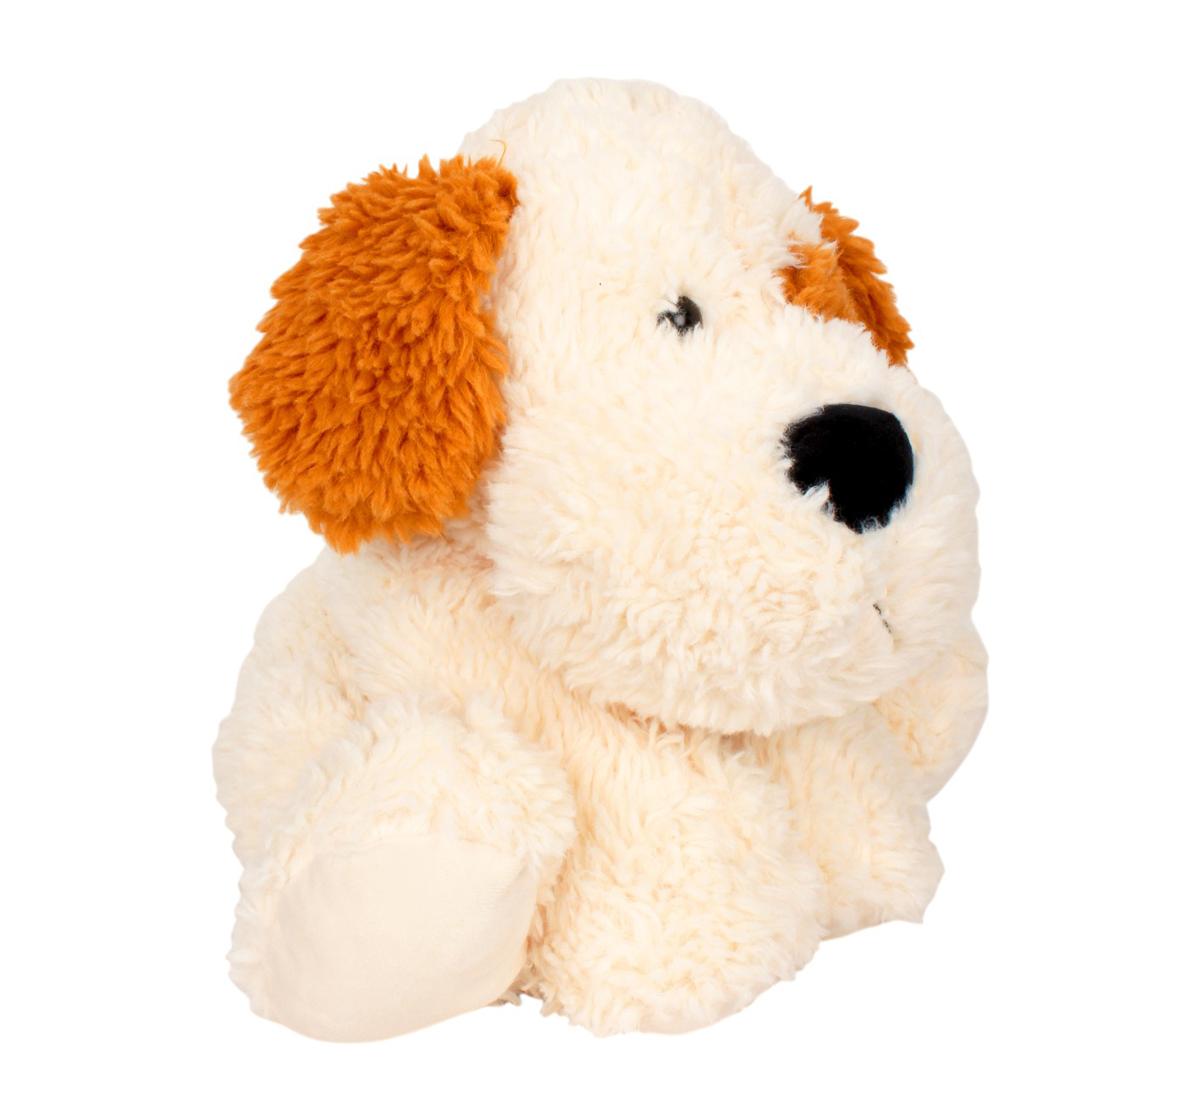 Fuzzbuzz | Fuzzbuzz Sitting Dog - 41Cm Quirky Soft Toys for Kids age 0M+ - 40 Cm (Cream)